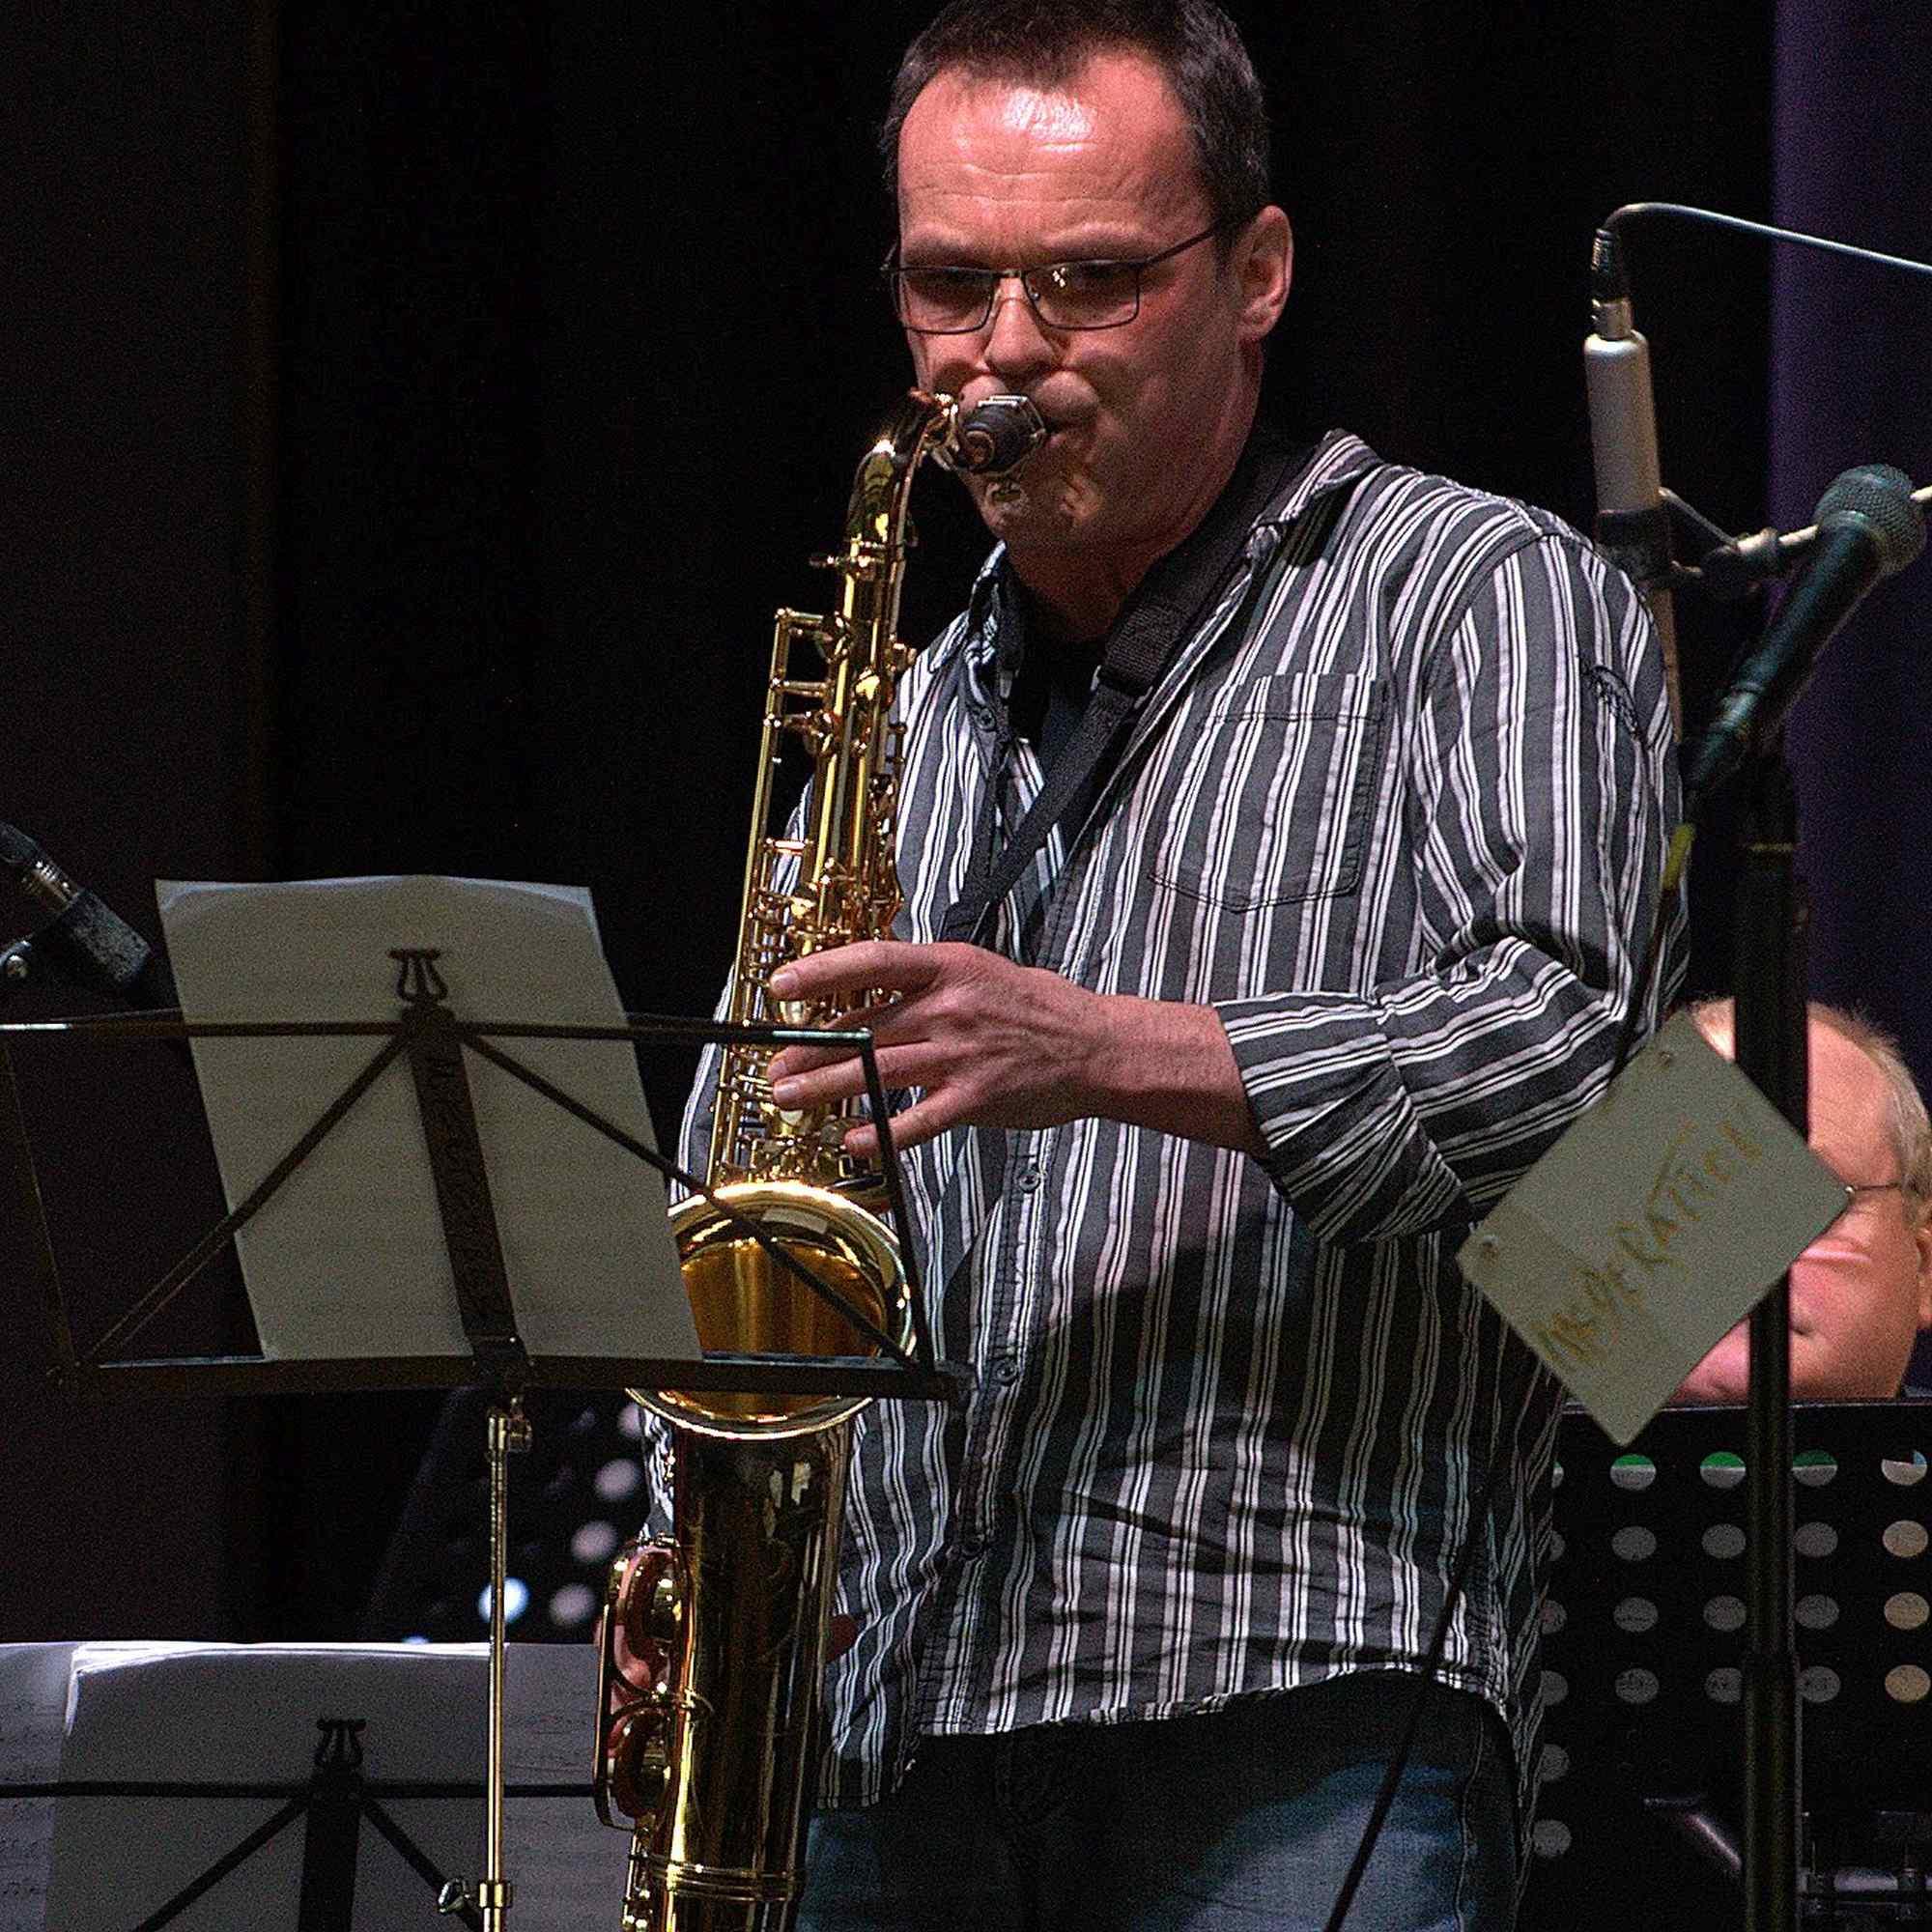 Bongos-Bigband-Konzert_20200301_DSC_2053.NEF_